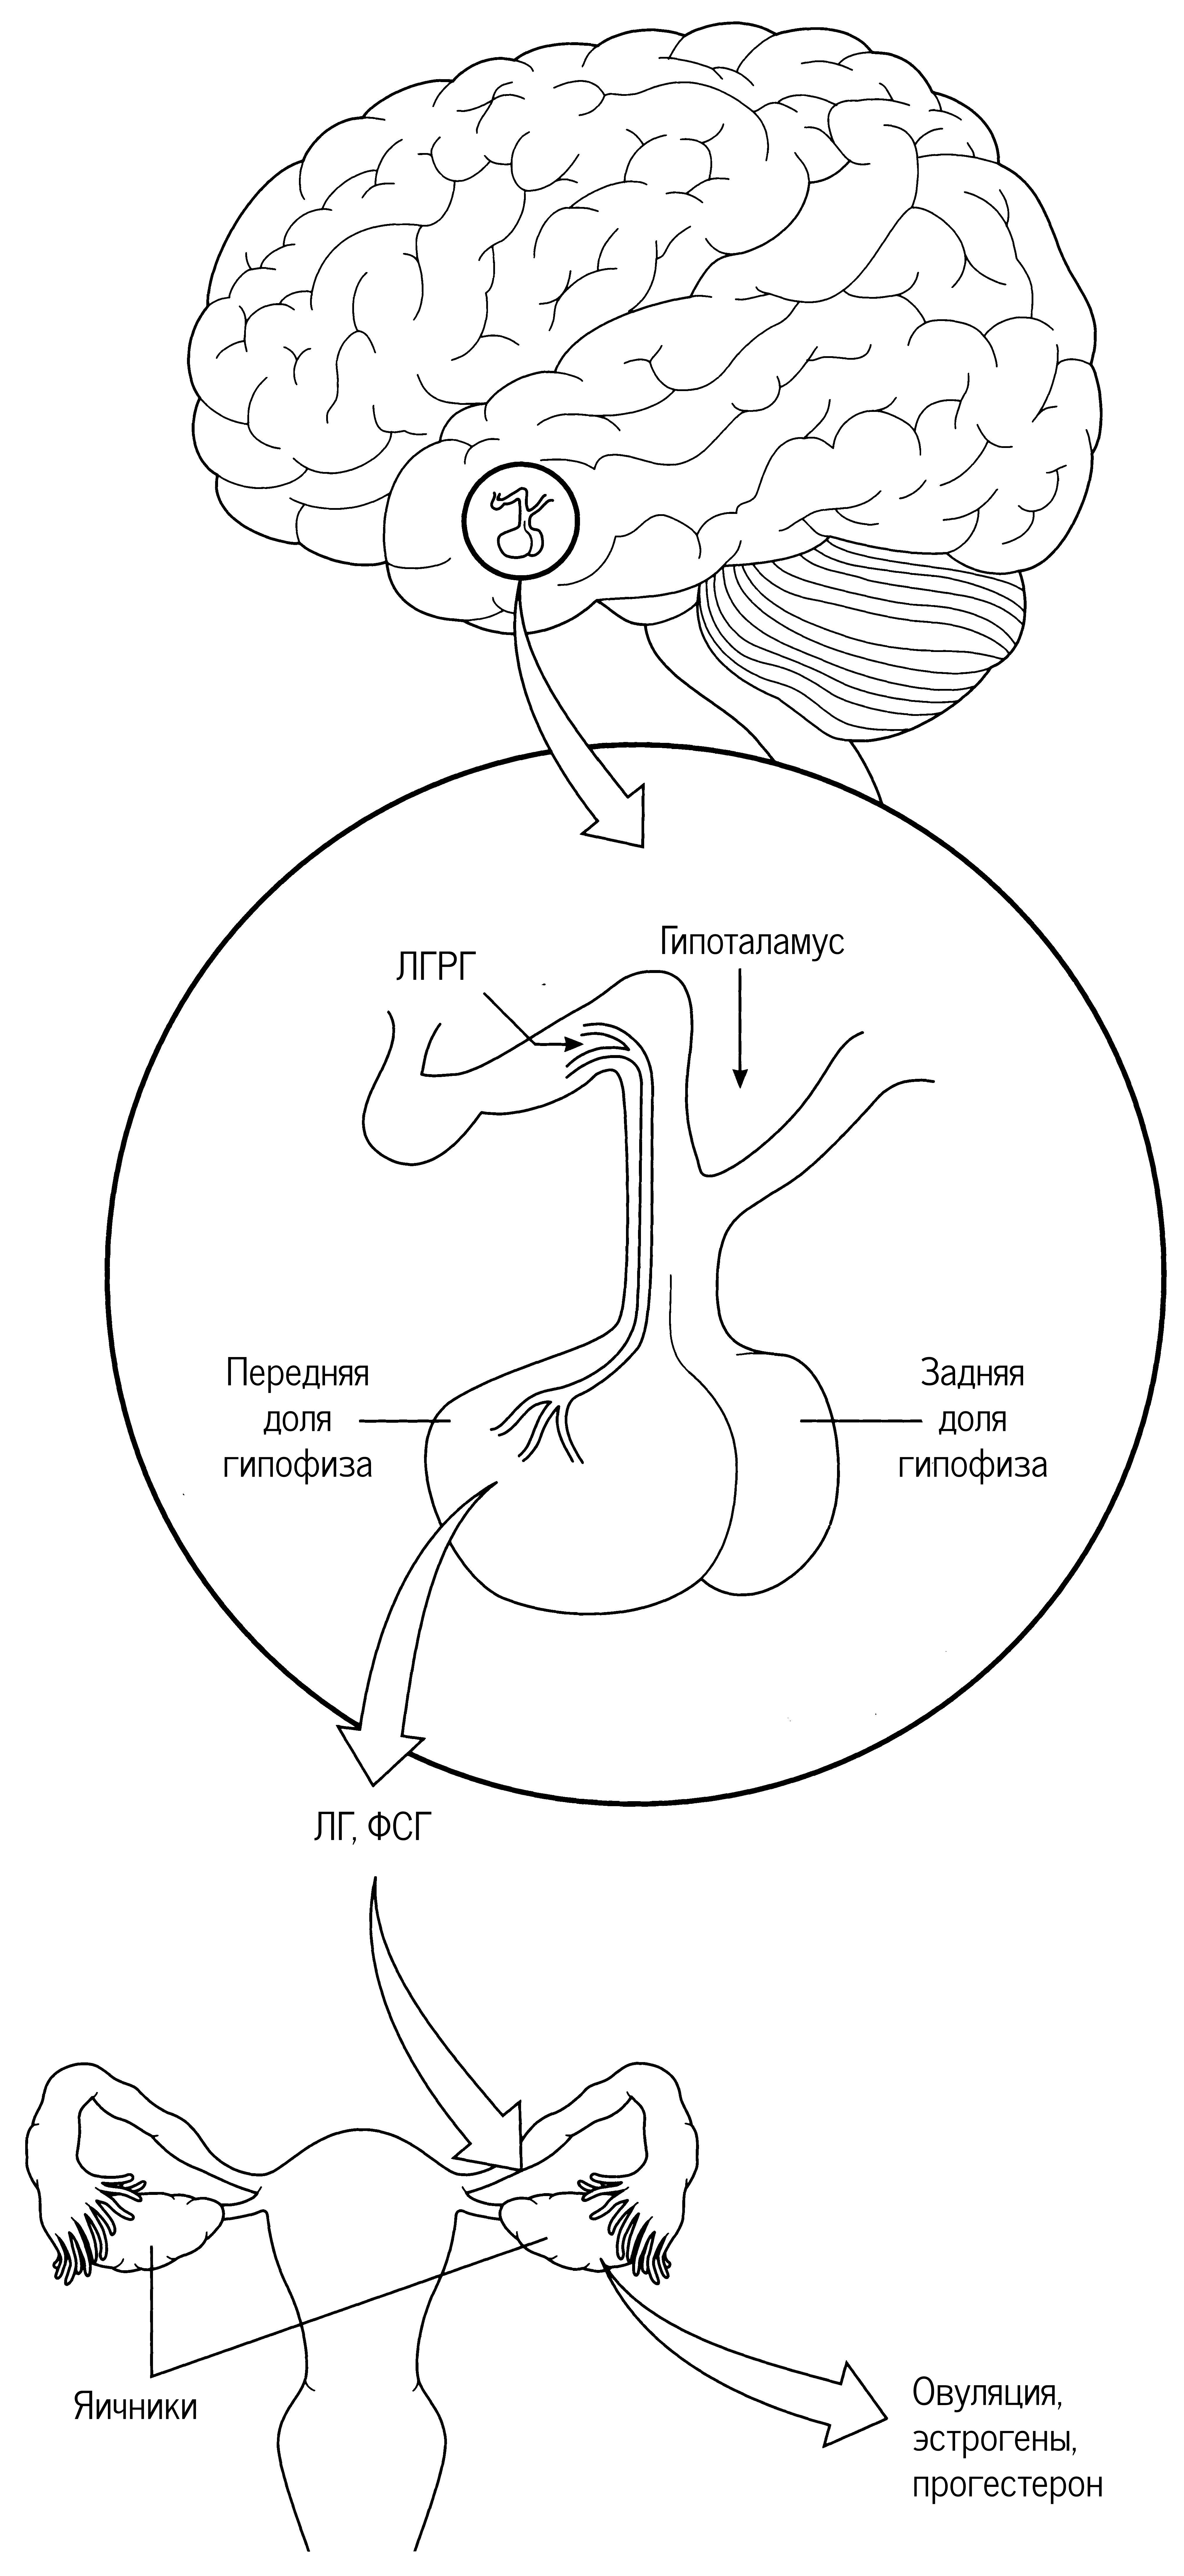 Гипоталамус вырабатывает ЛГРГ в закрытую систему кровообращения, связывающую его с передней долей гипофиза. ЛГРГ запускает выброс ЛГ и ФСГ гипофизом, а они, в свою очередь, вызывают овуляцию и выработку гормонов в яичниках.